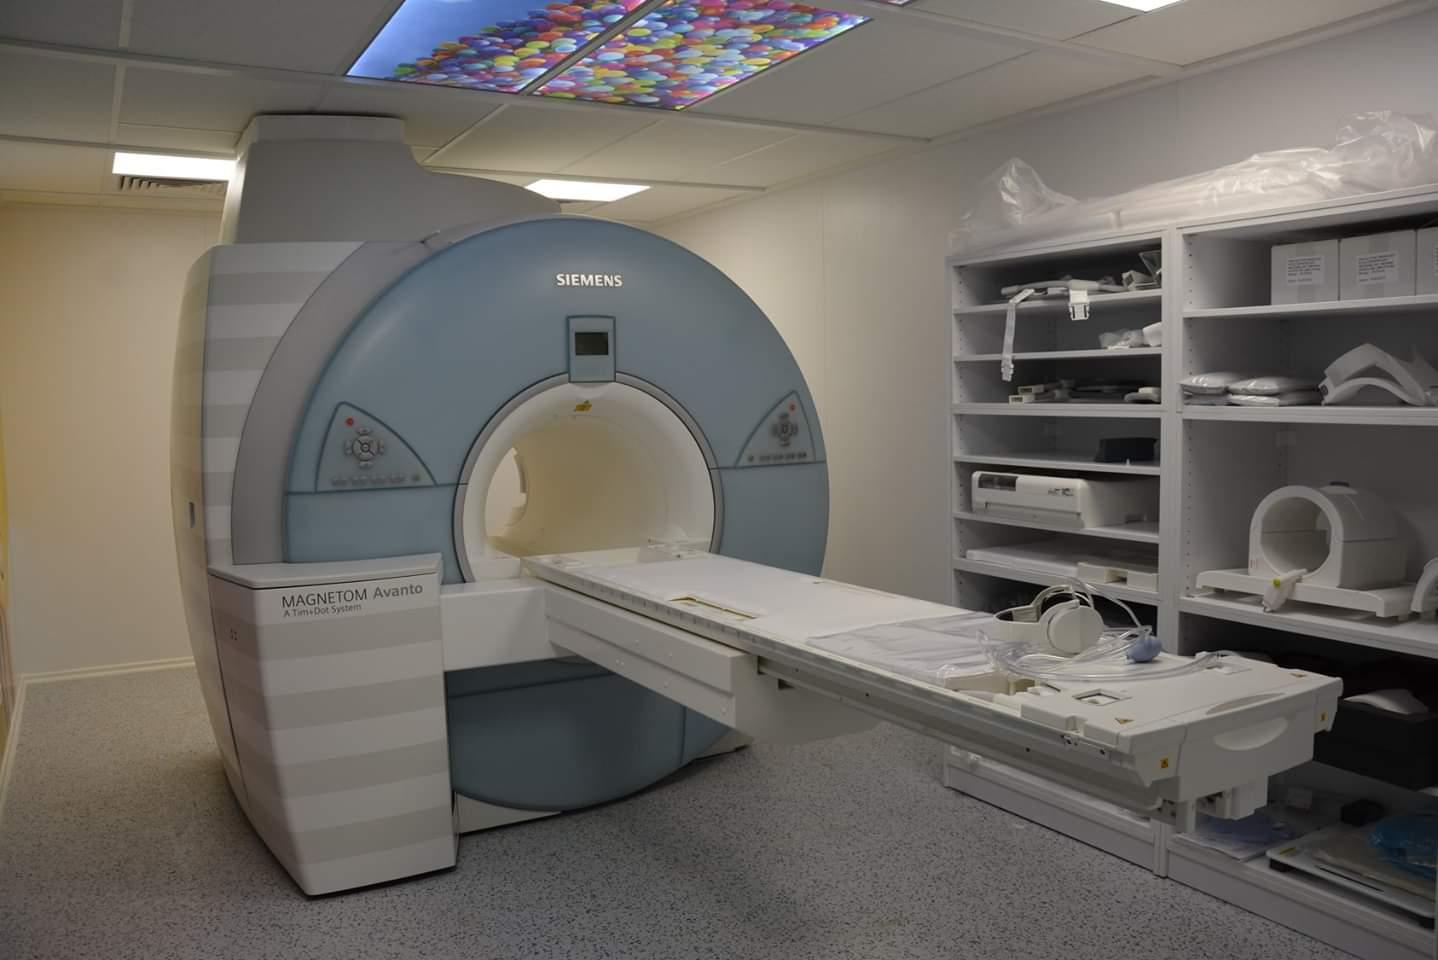 Investiții semnificative în sănătate – Buget mai mare alocat de Consiliul Județean Cluj în 2019 spitalelor clujene!